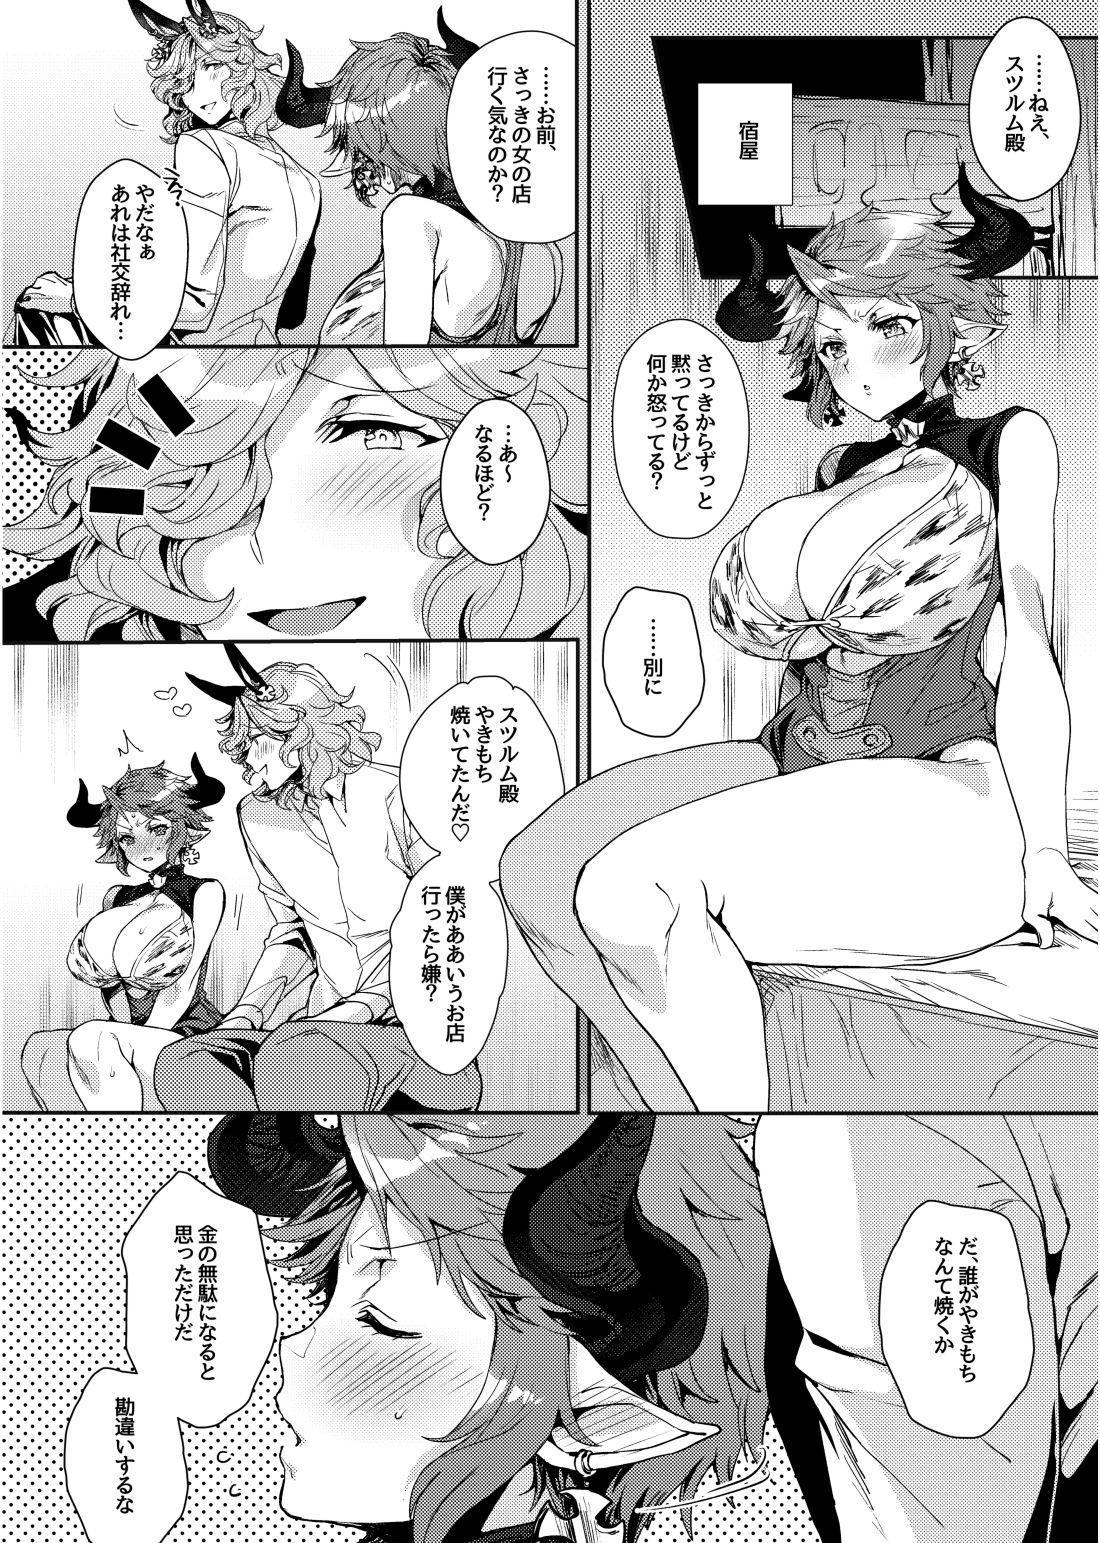 Kore Gurai Atashi ni datte Dekiru tte Itteru daro! 4